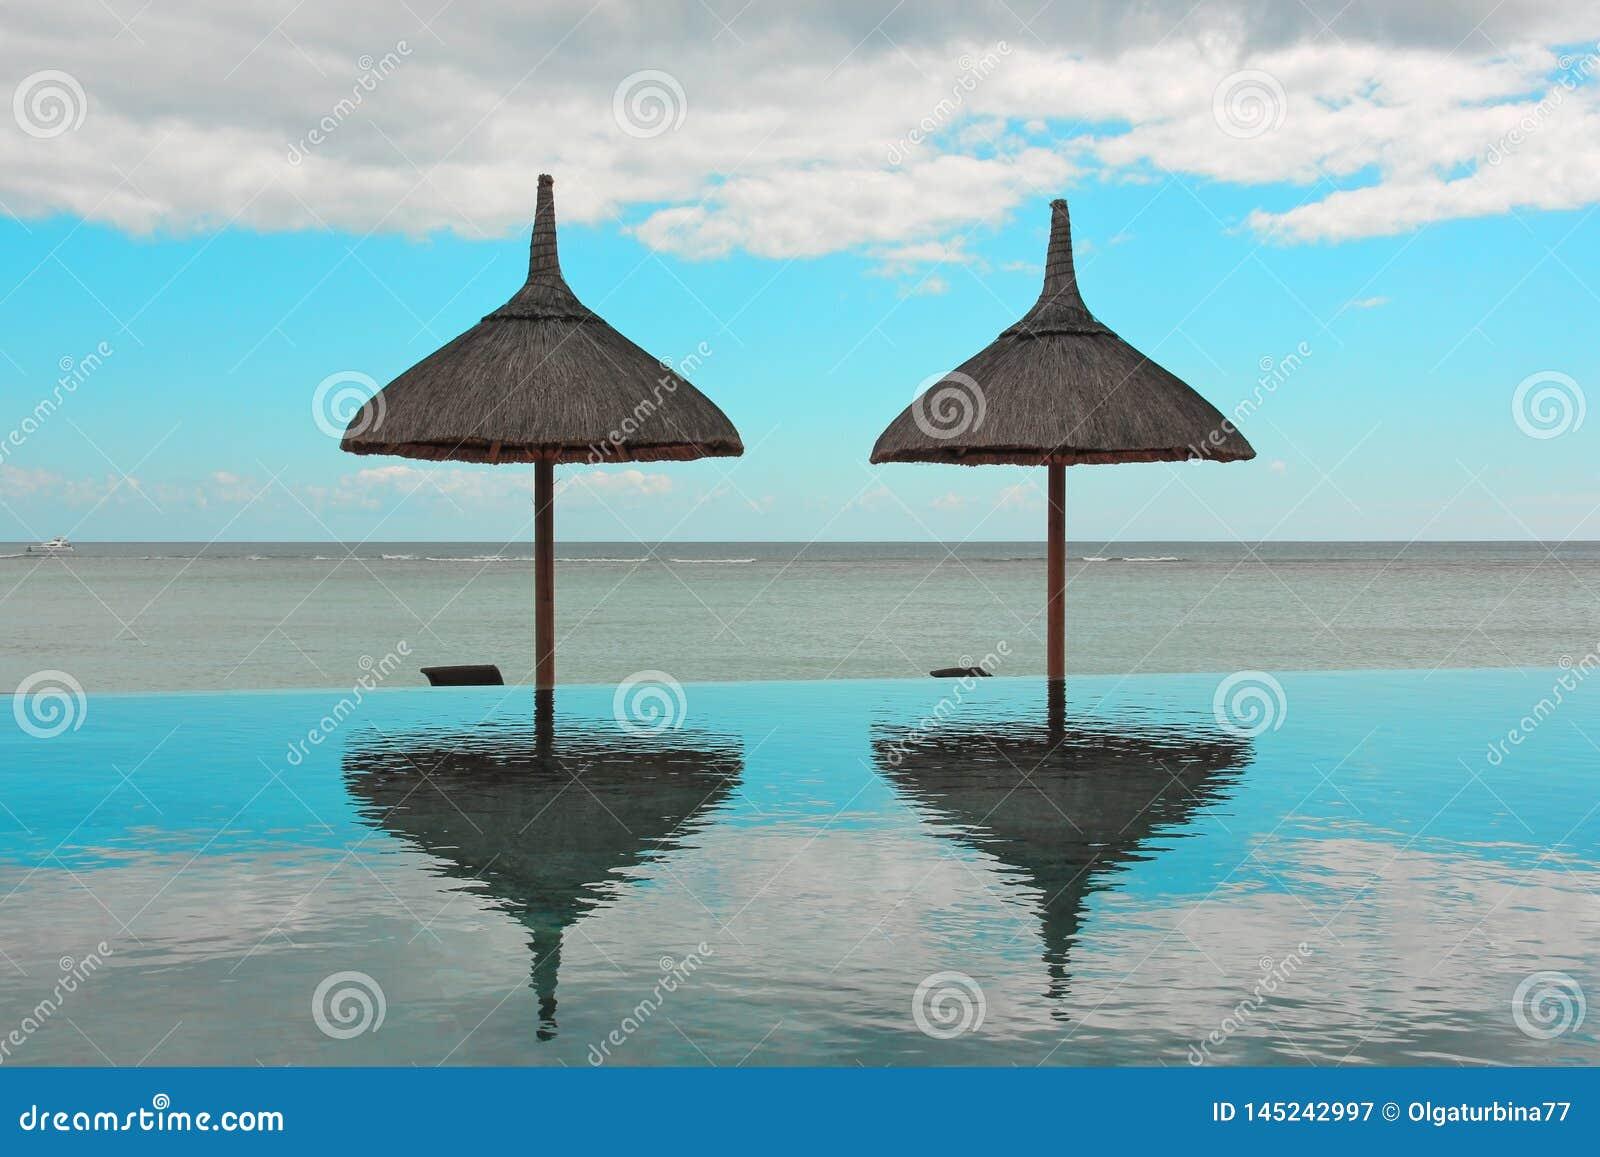 Зонтики пляжа и бассейн безграничности на тропическом курорте обозревая спокойный океан на летний день